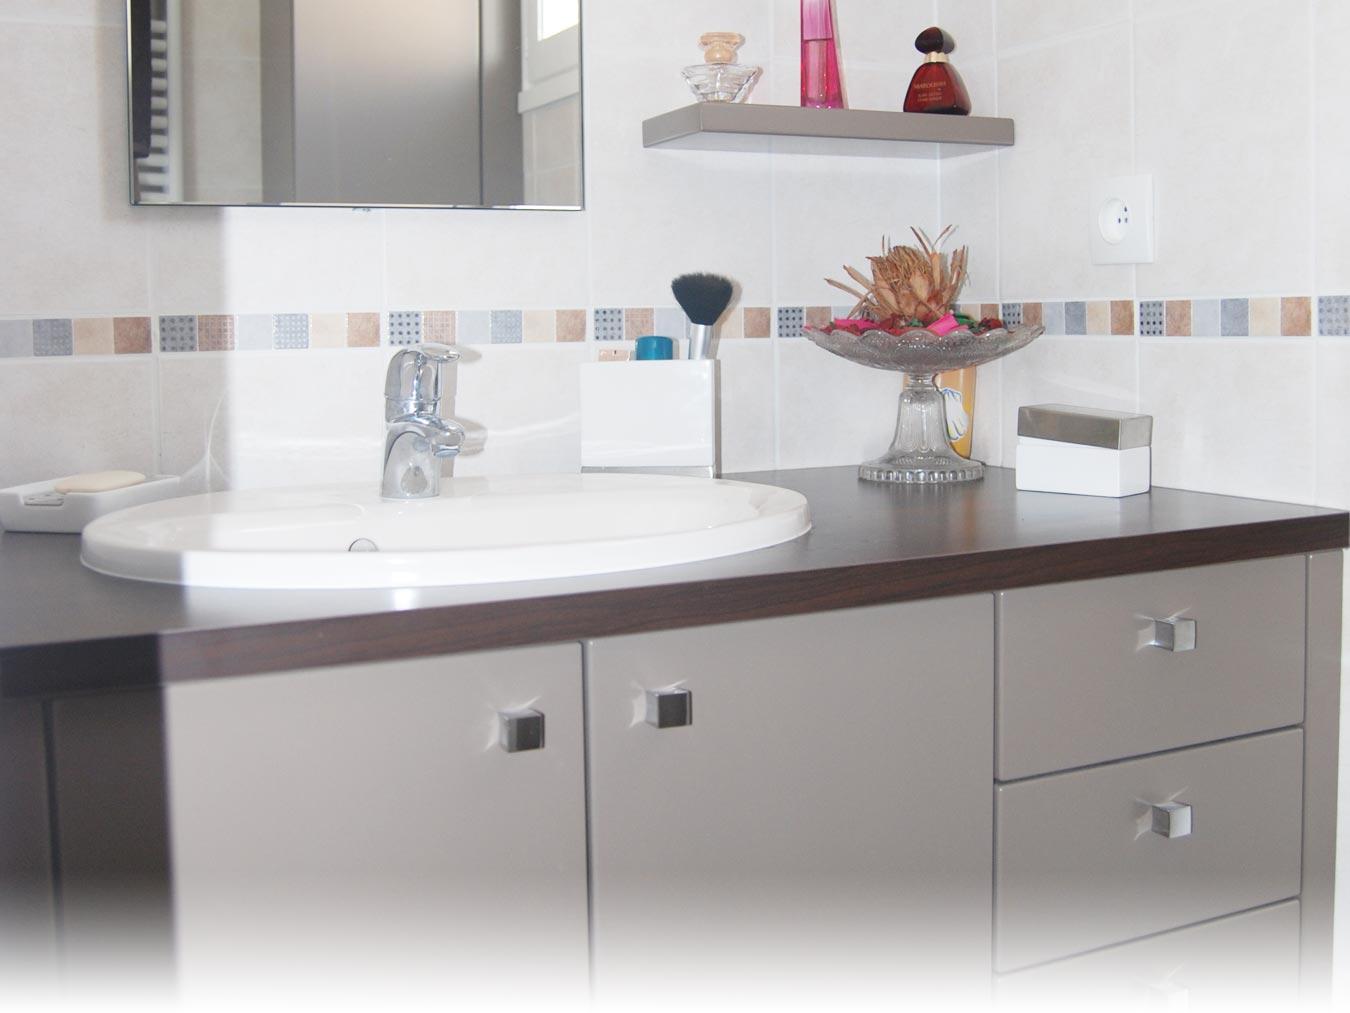 Faure agencement perene lyon cuisines salle de bains - Baignoire balneo avis consommateur ...